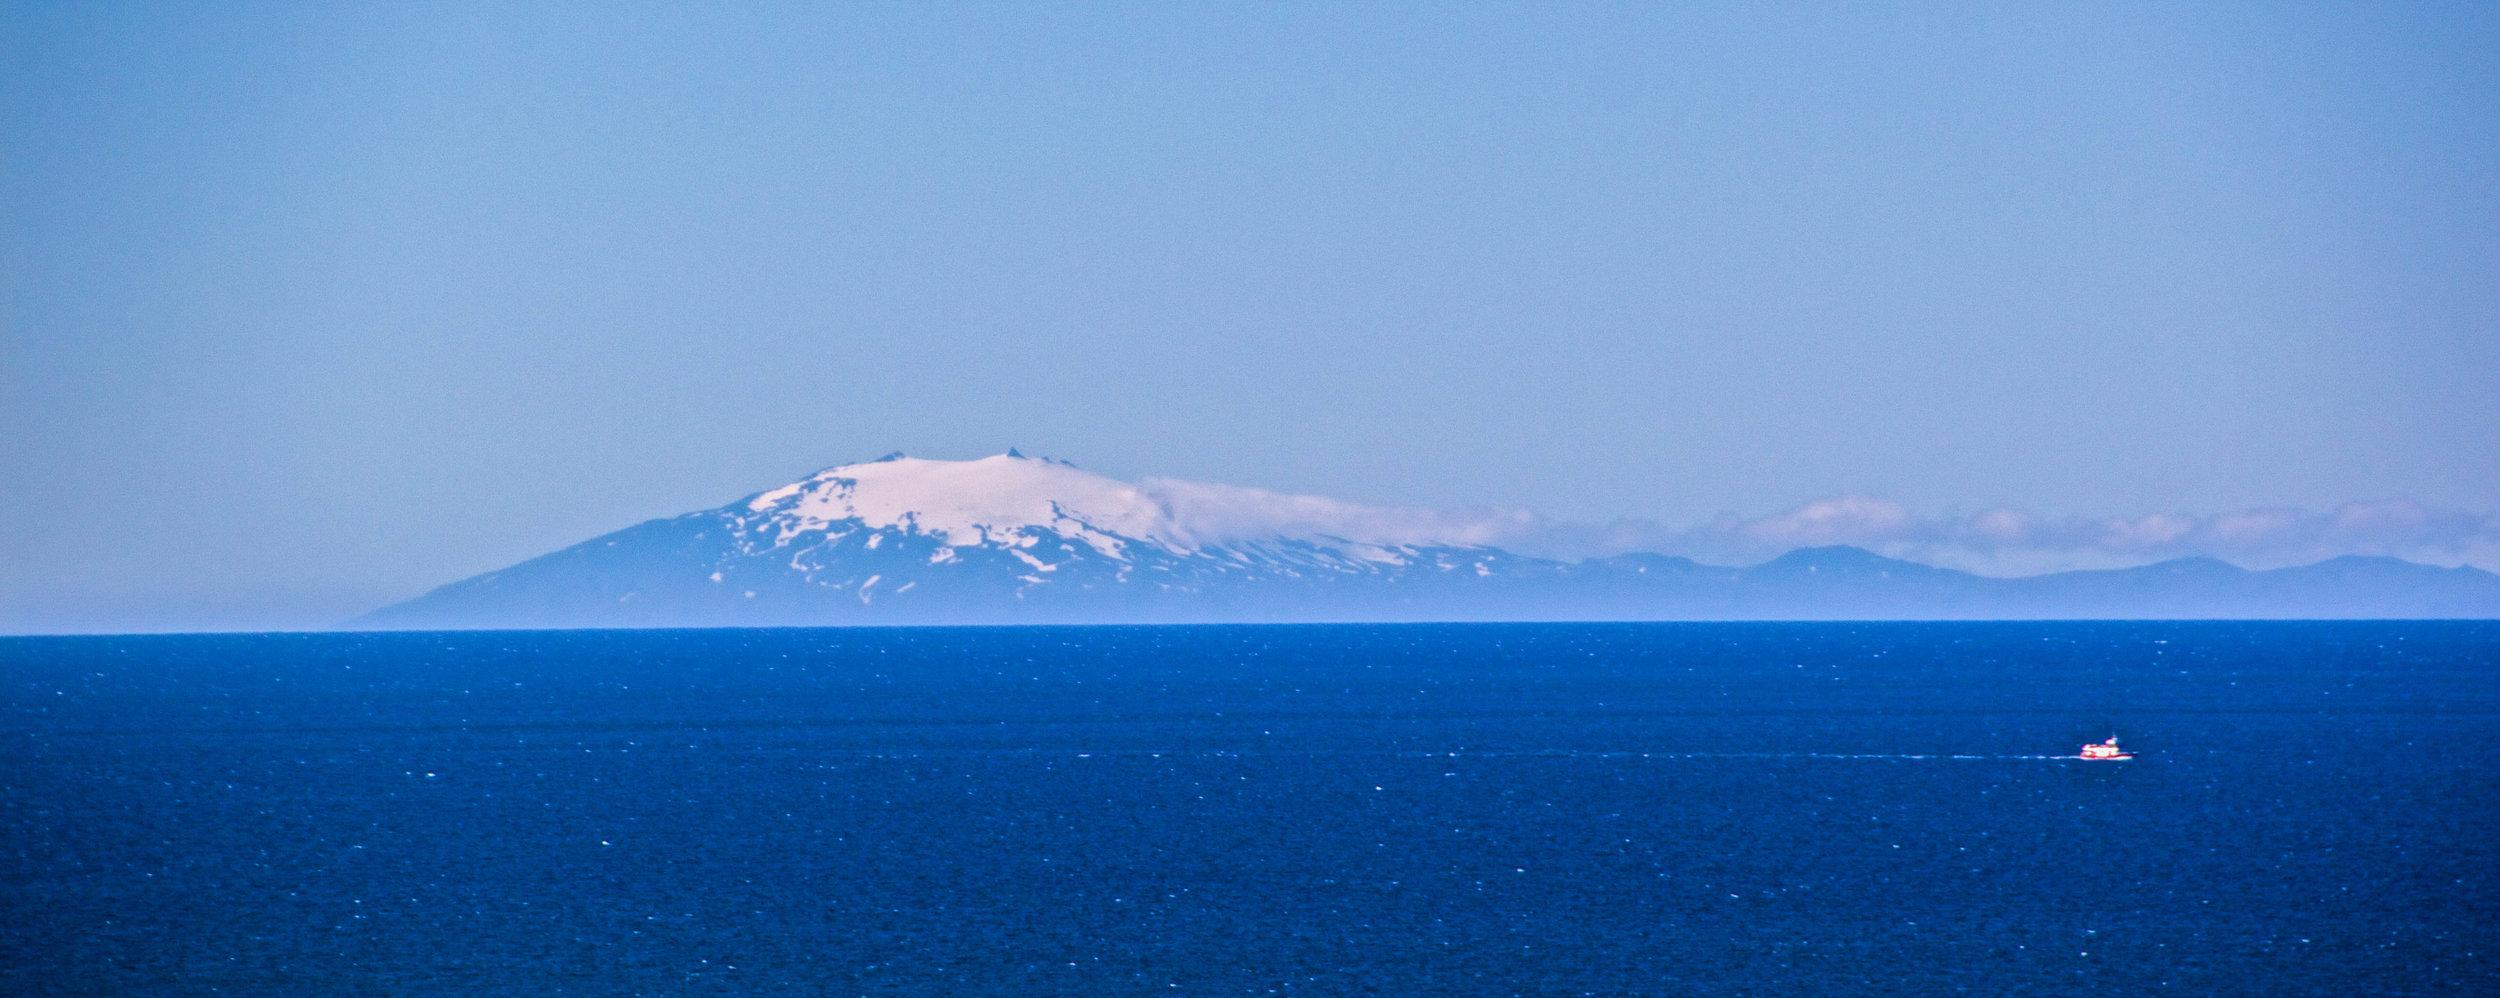 hallgrímskirkja reykjavík iceland 11-2.jpg